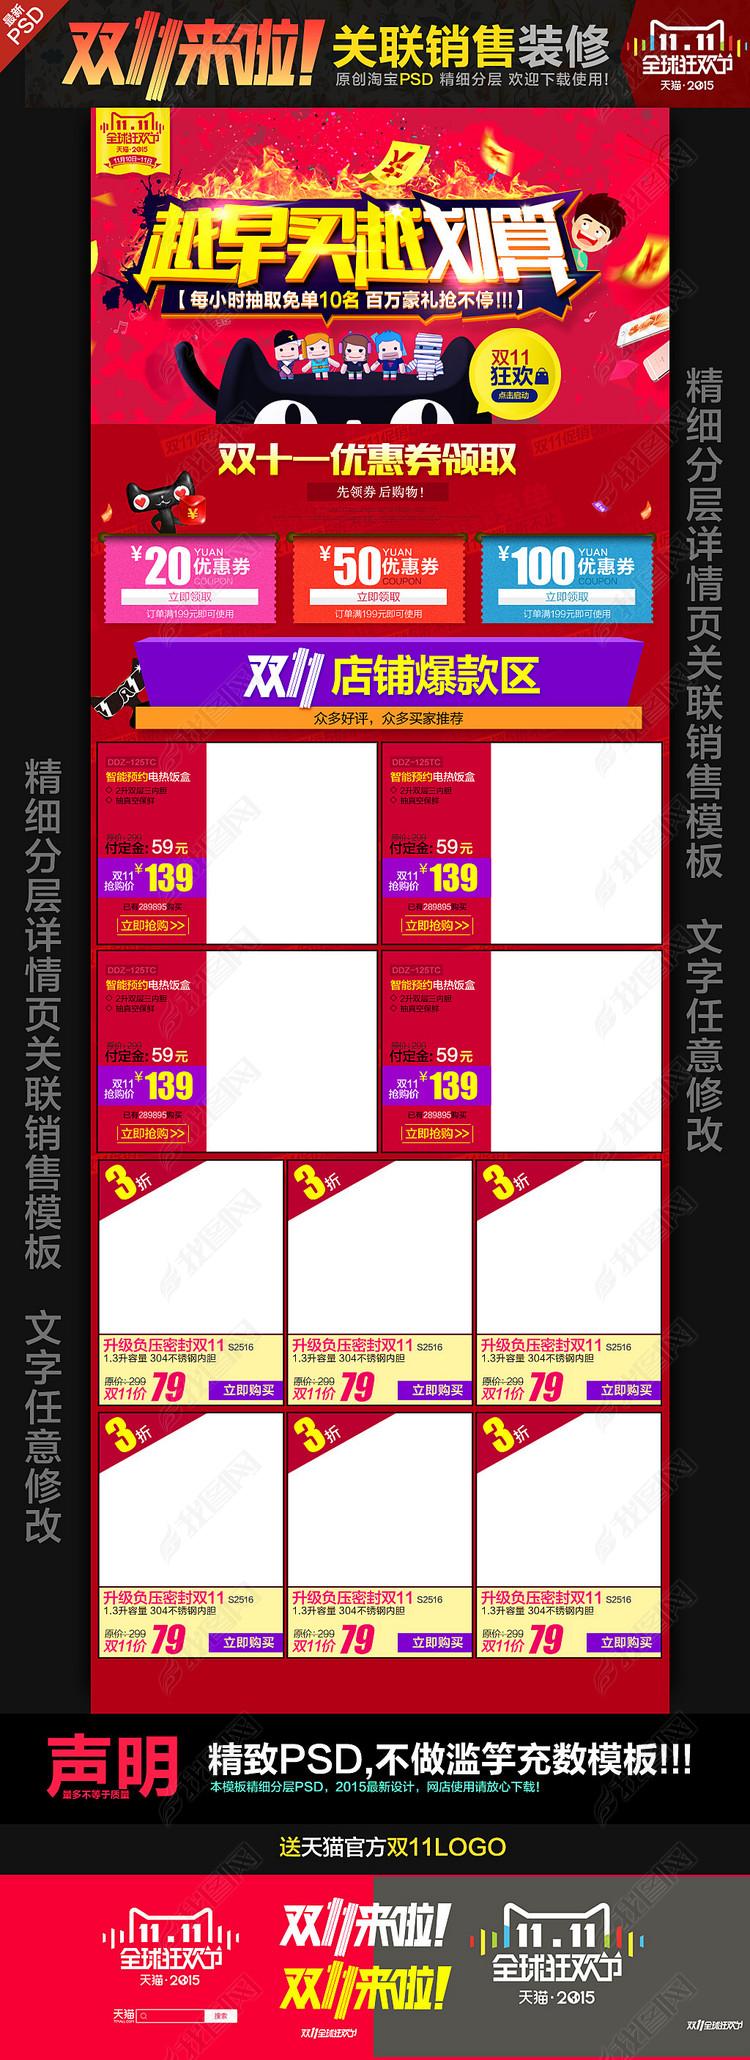 淘宝双11全球狂欢节详情页关联销售模板